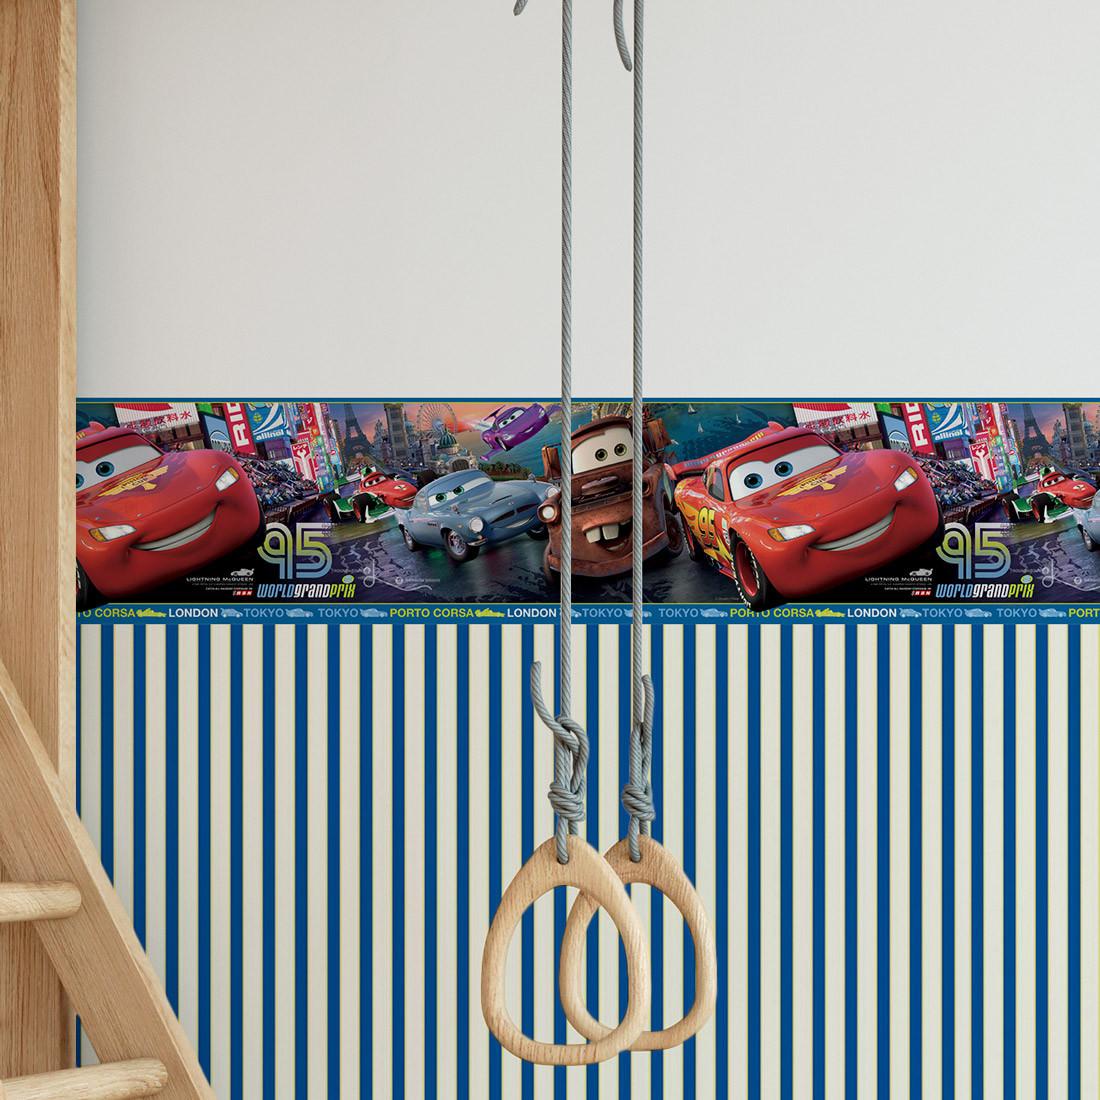 Faixa Decorativa Infantil Carros - Disney - Rolo com 5 Metros